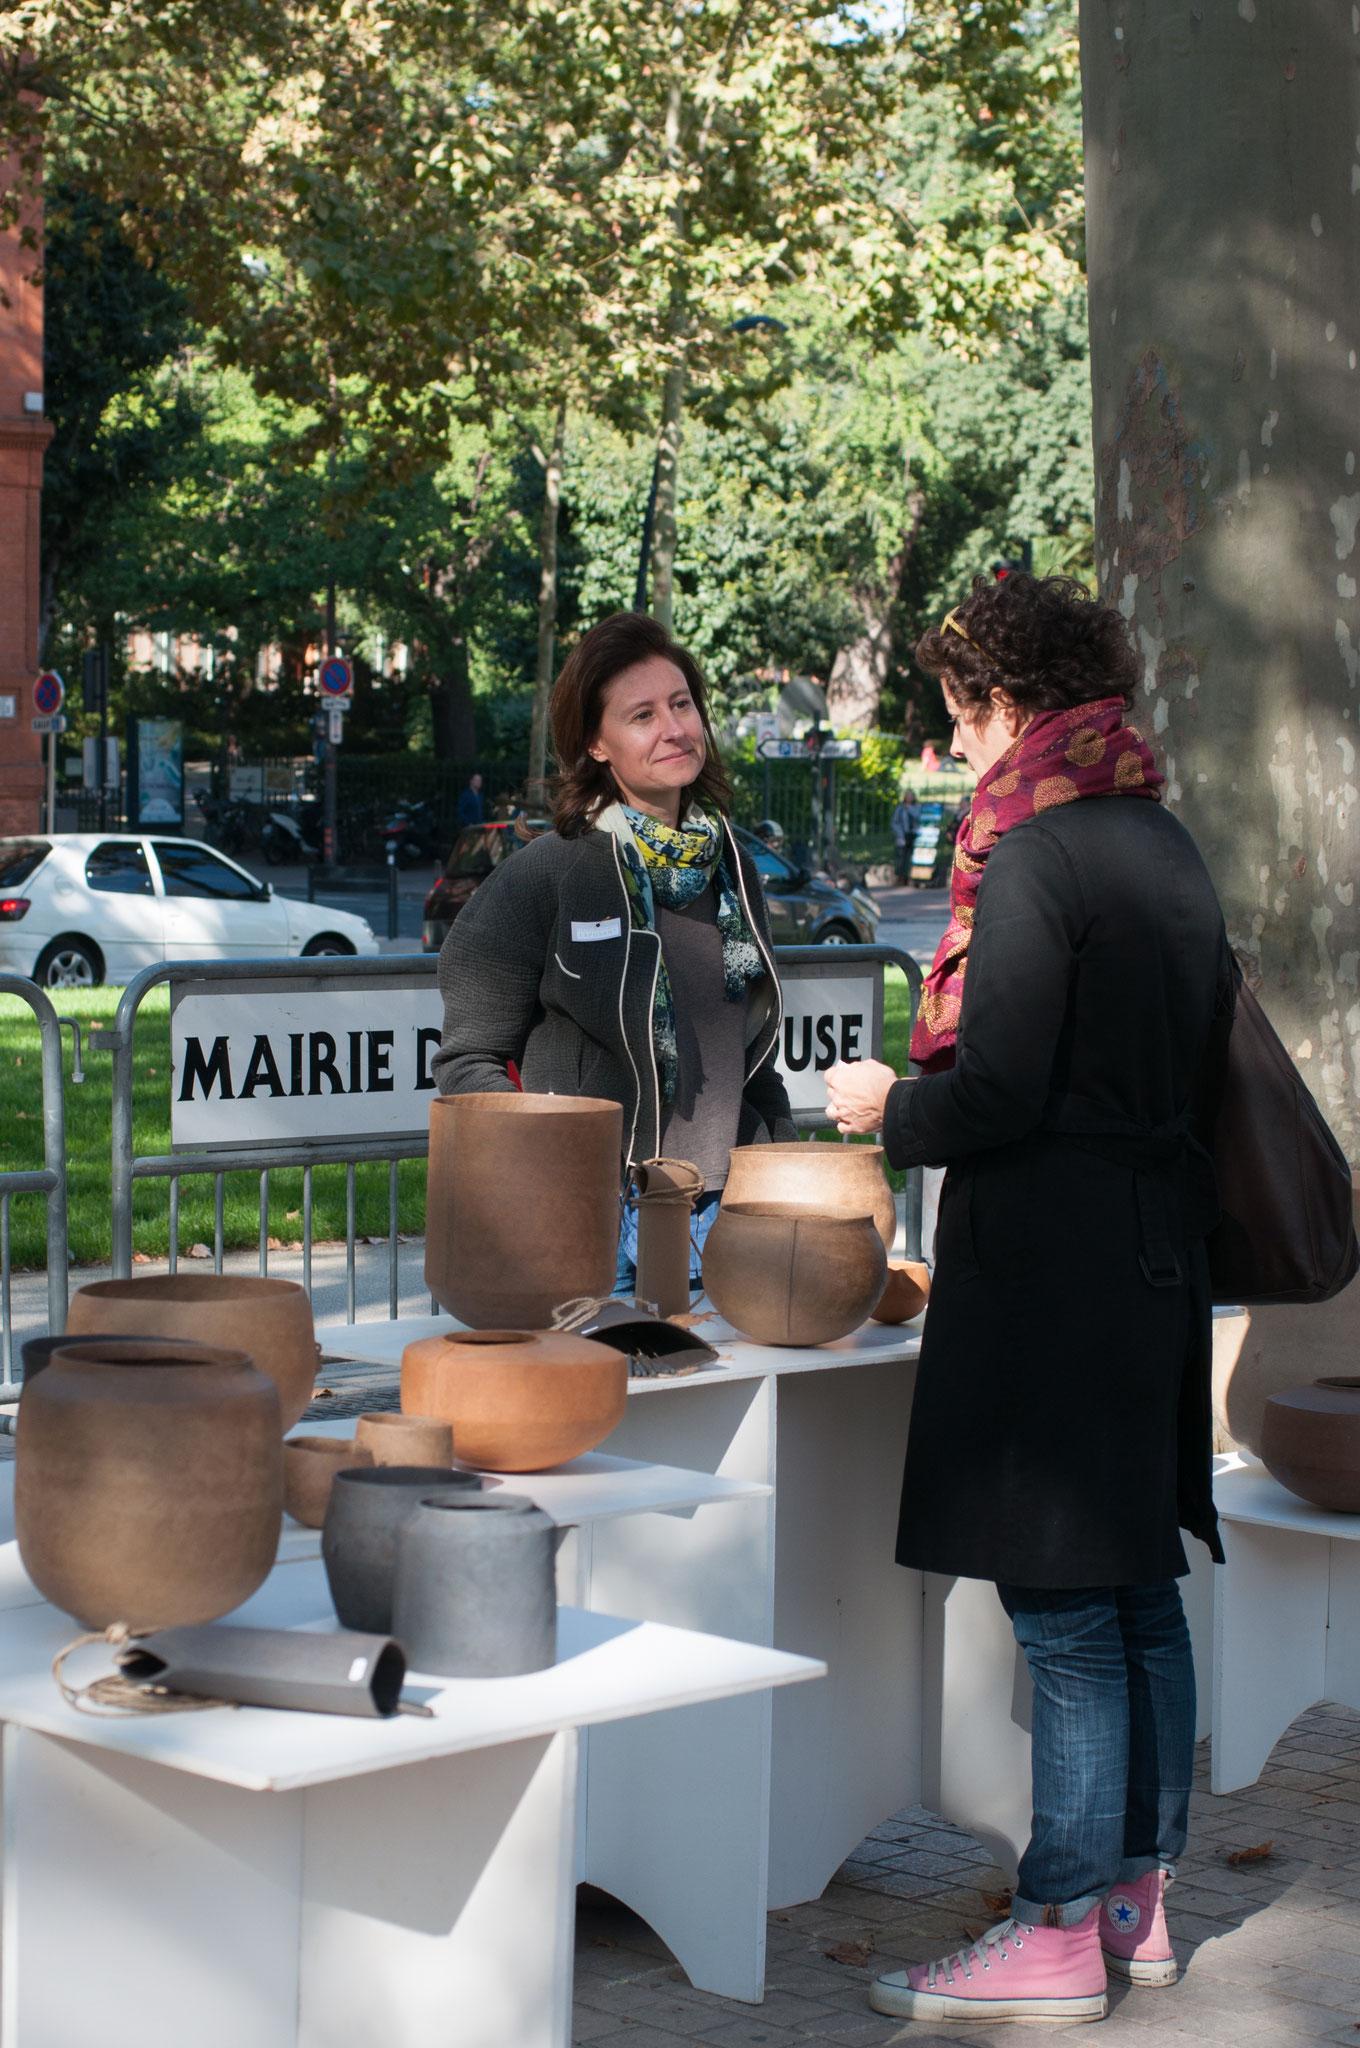 image25 8 | Terre et Terres | Marché Toulouse | Les Allées Céramique à Toulouse les 8 et 9 octobre 2016 | Article | Terre et Terres | 1 novembre 2017